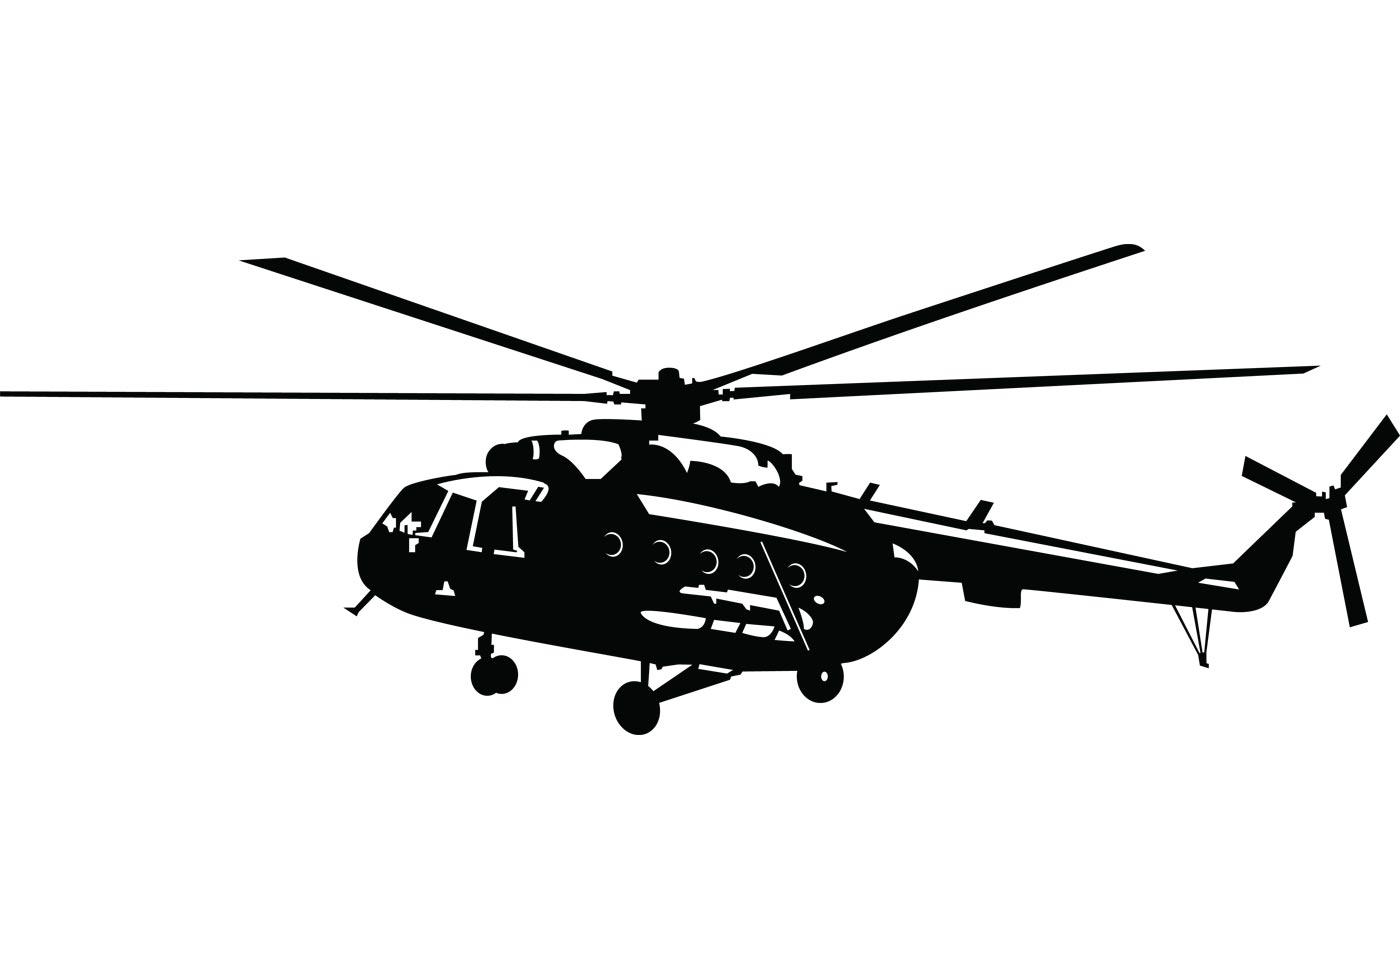 Army Kiowa Warrior Helicopter